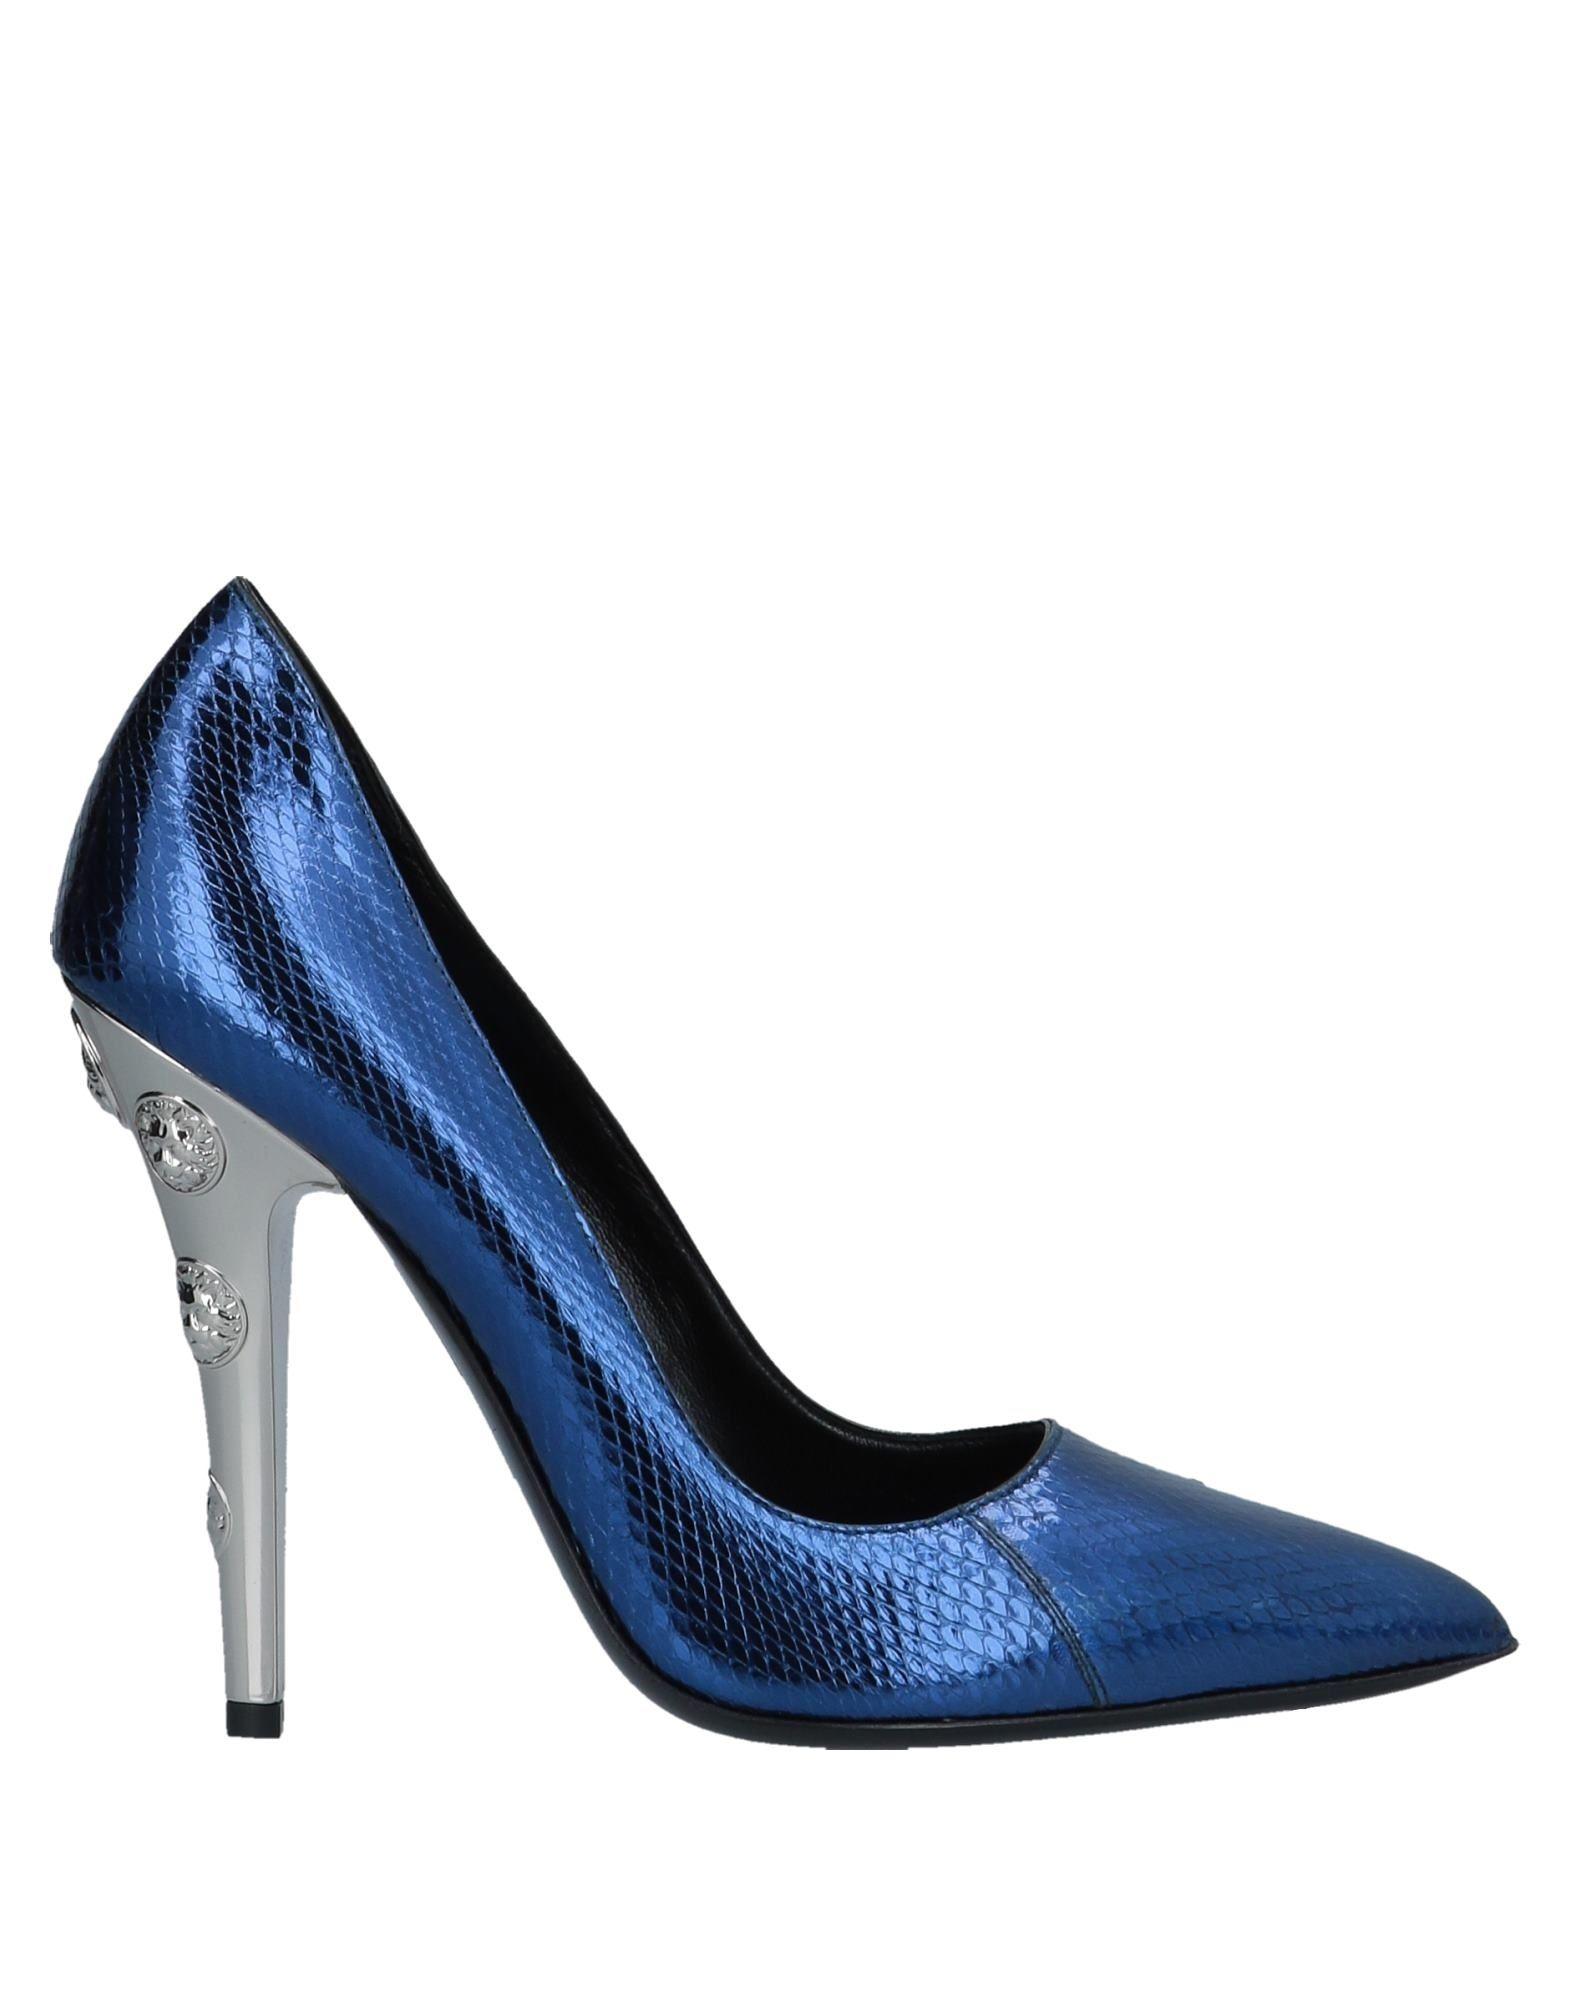 Rabatt Schuhe Versus Versace Pumps Damen  11563312GJ